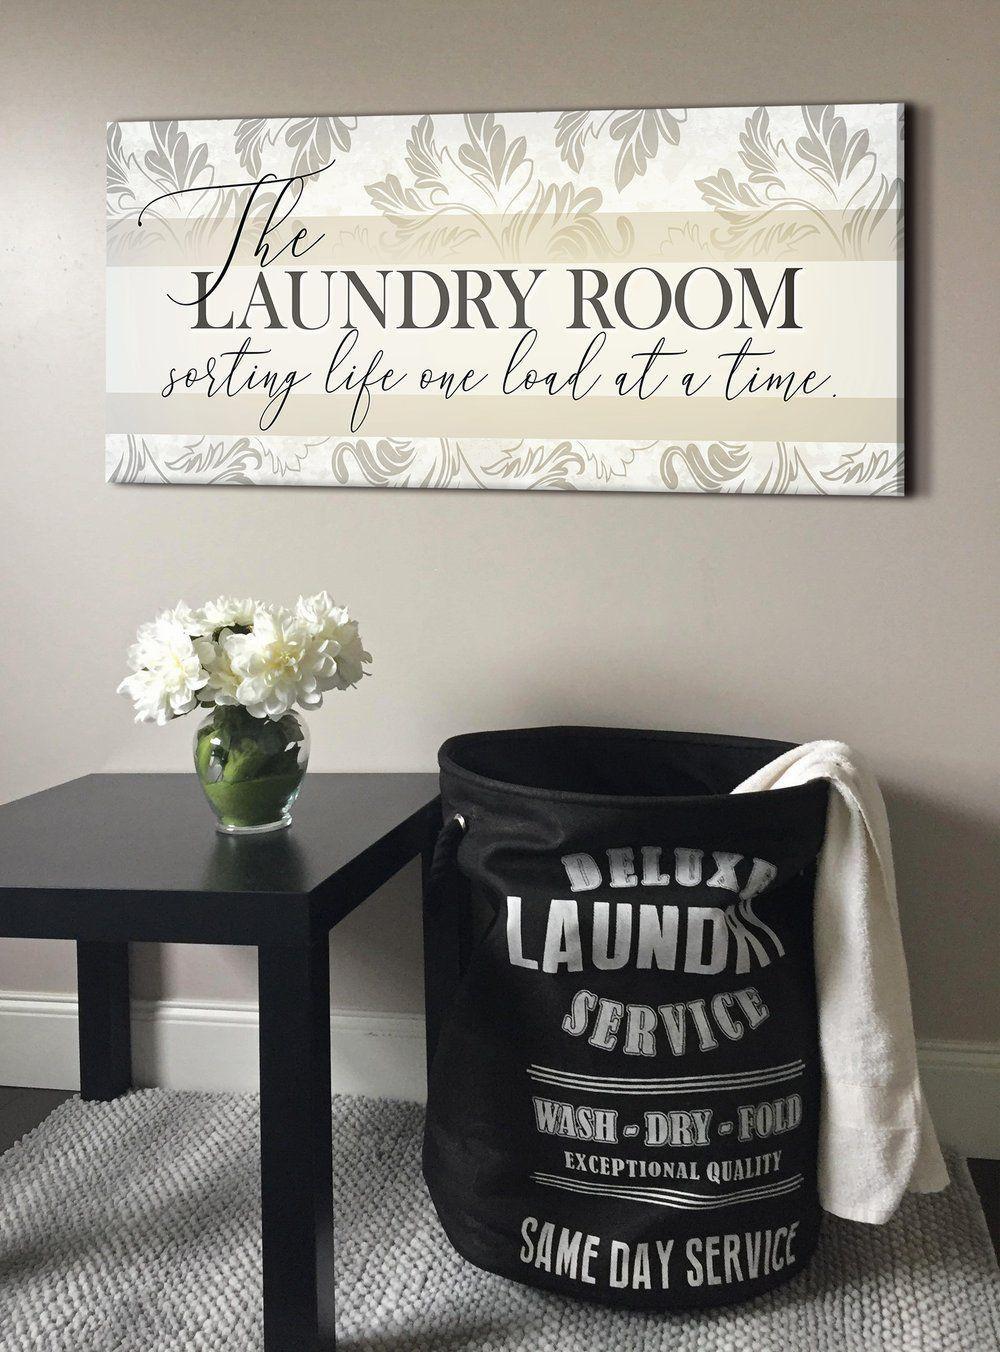 Laundry Room Wall Art Sense Of Art In 2020 Laundry Room Wall Art Room Wall Art Laundry Room Decor Diy